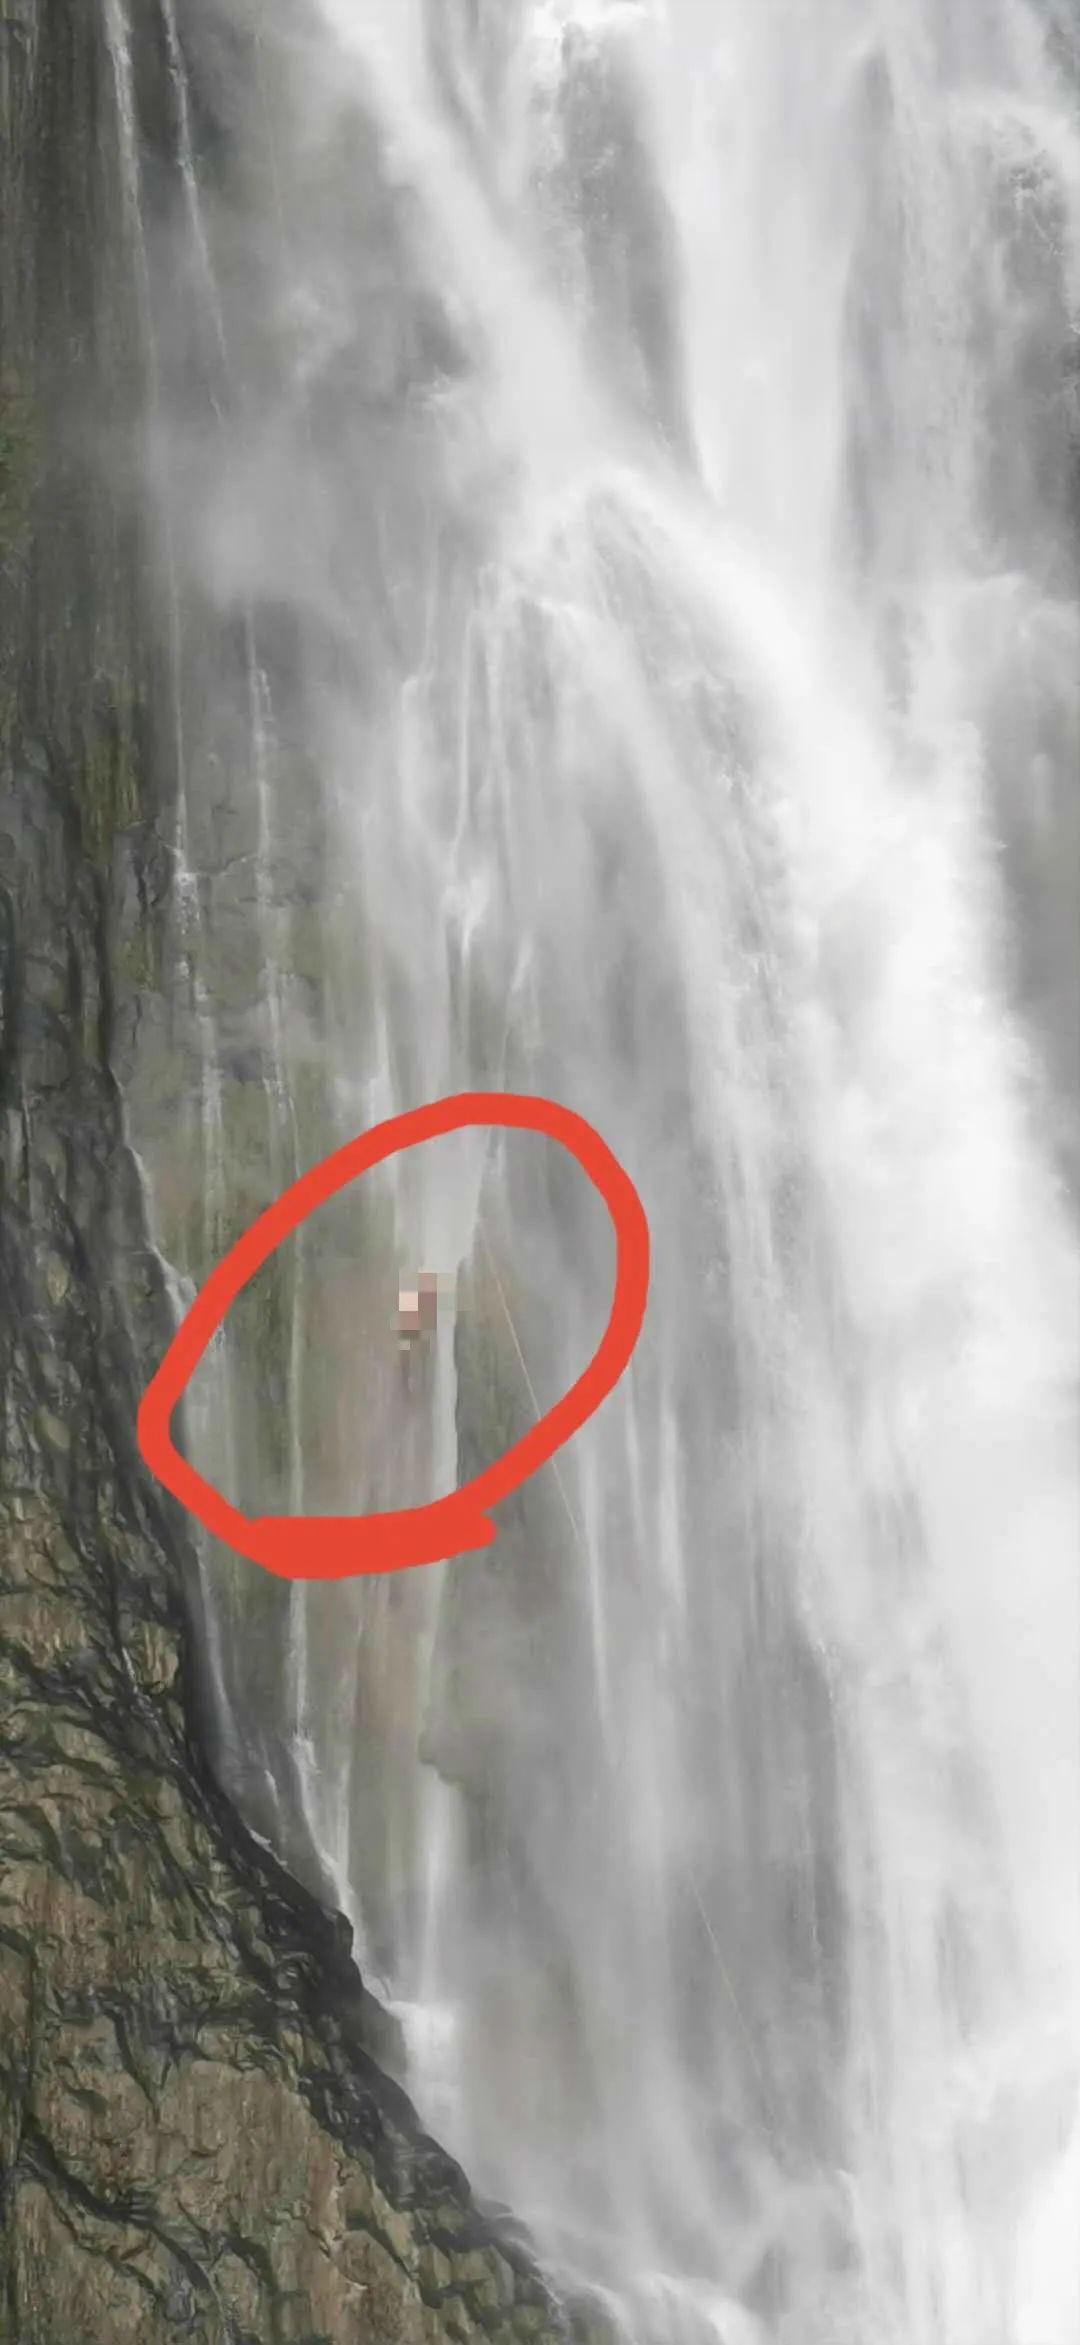 【宝鸡快猫网址培训】_两驴友挑战贵州网红瀑布被困,专家分析原因